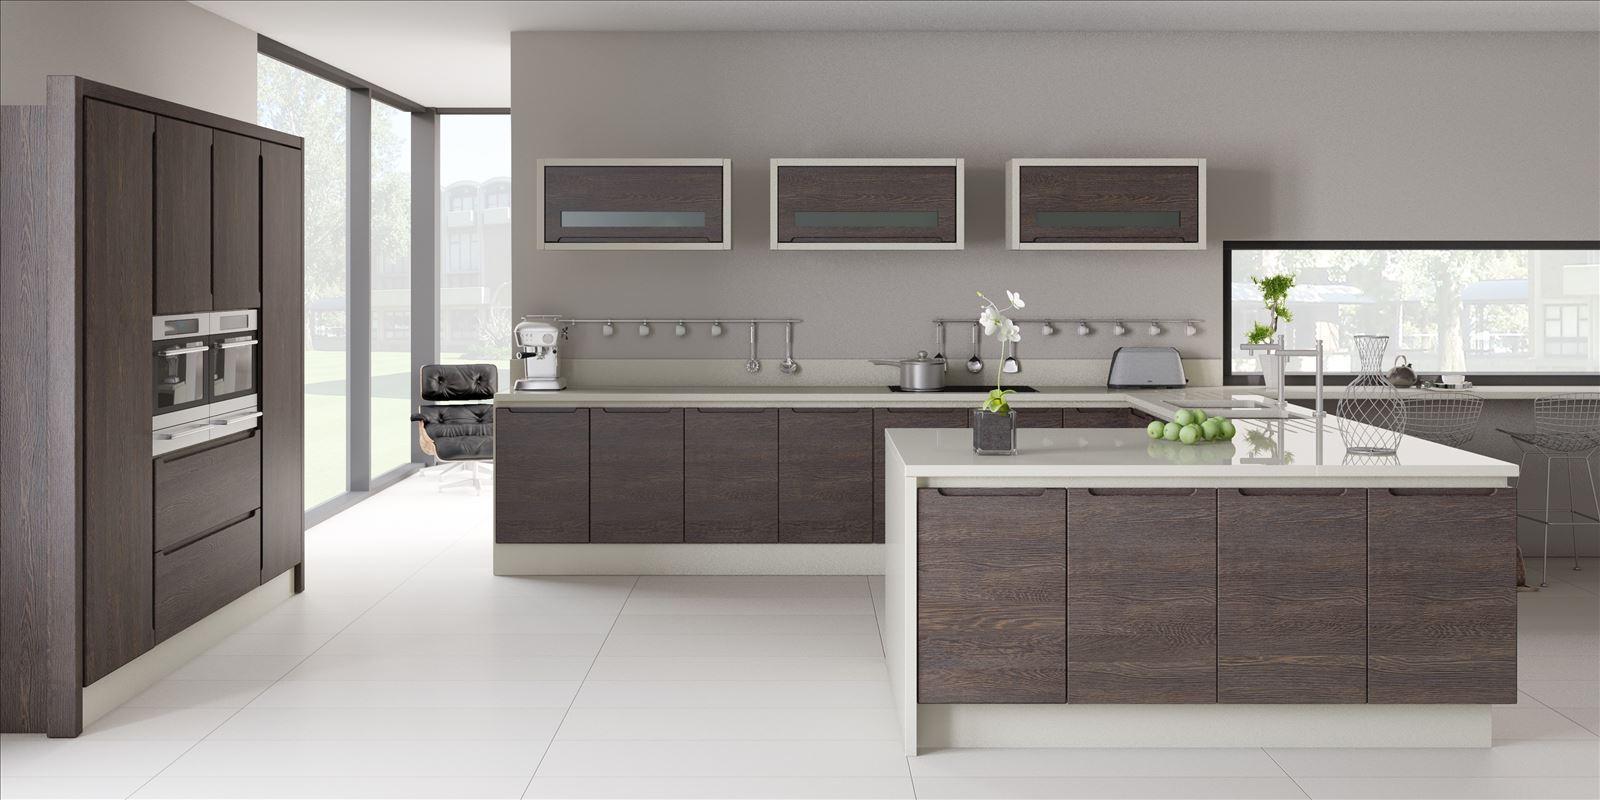 Галерея кухонь цвета венге, часть 4.